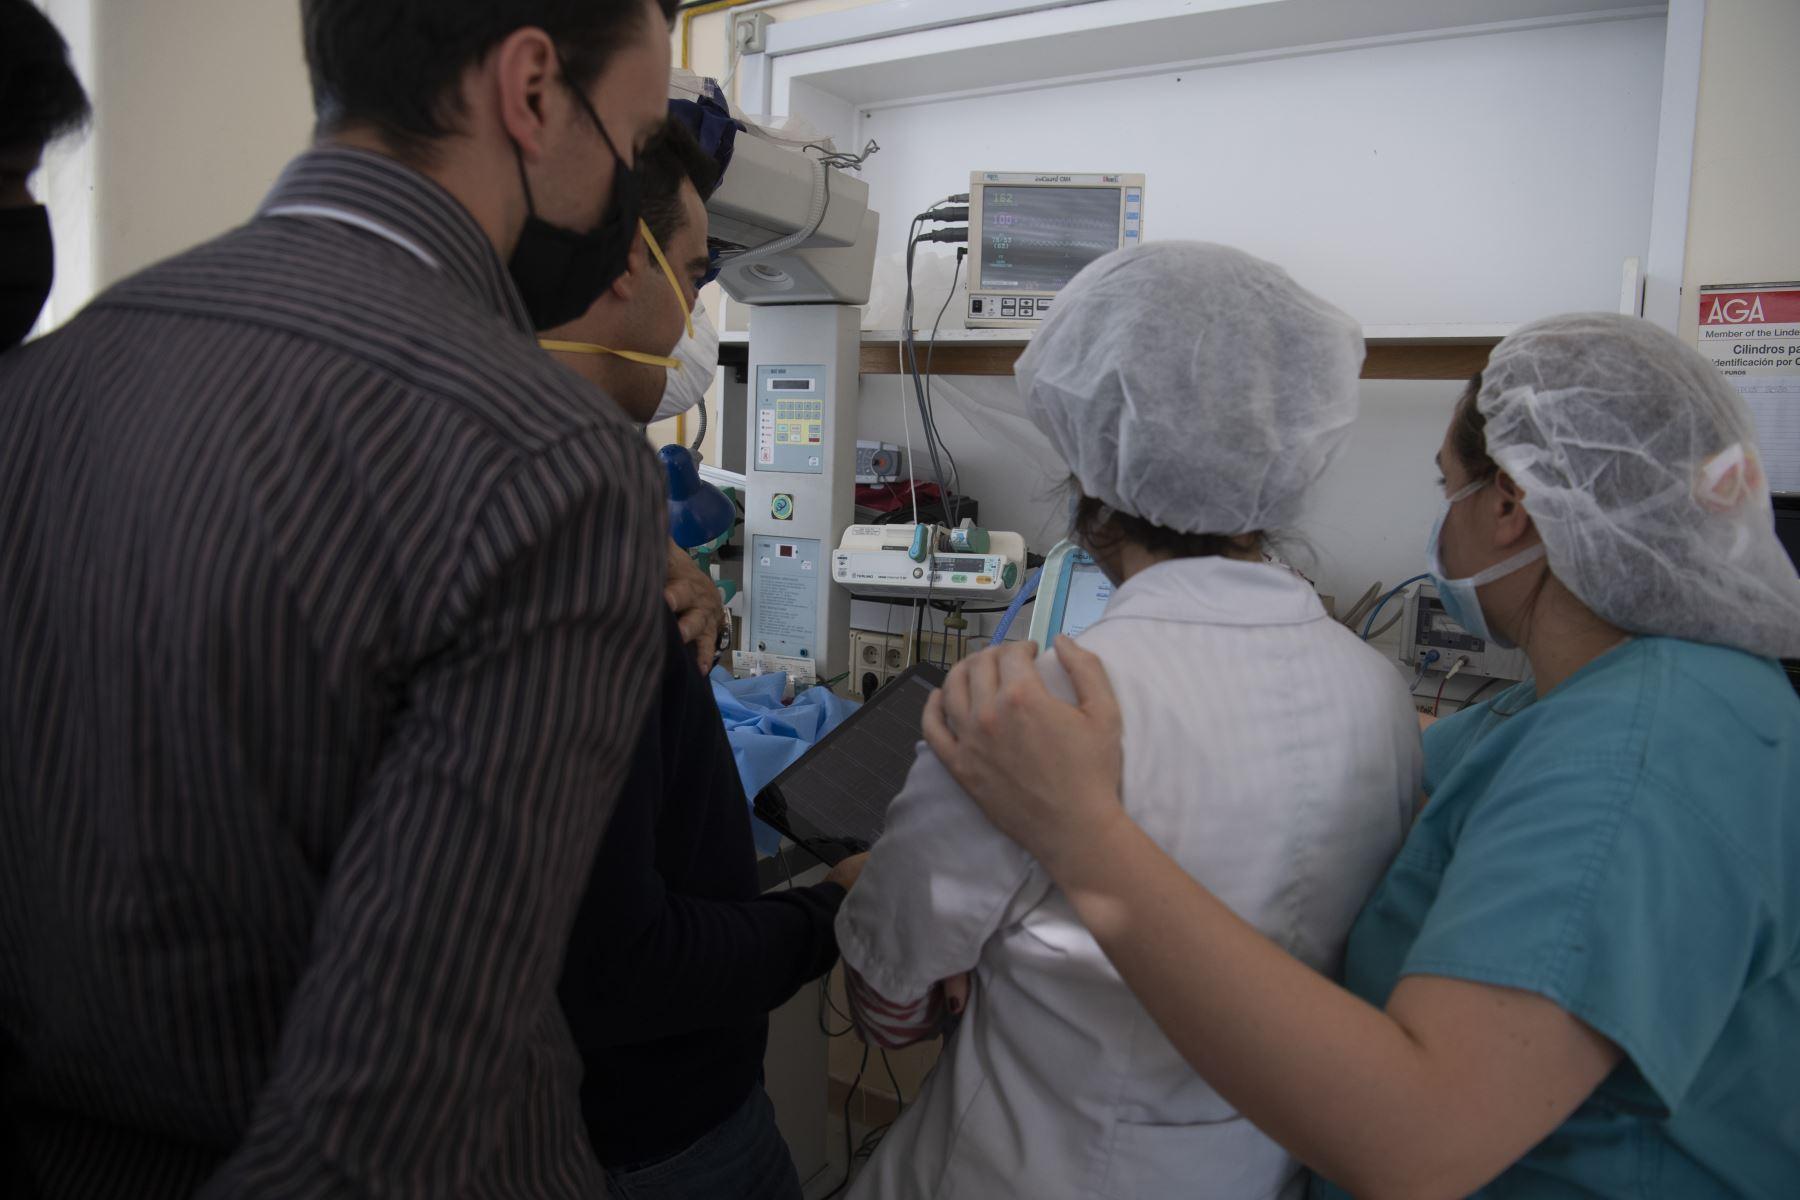 Un grupo de ingenieros y médicos en robótica prueban un ventilador que se está desarrollando como parte de la lucha contra el nuevo coronavirus COVID-19. Foto: AFP